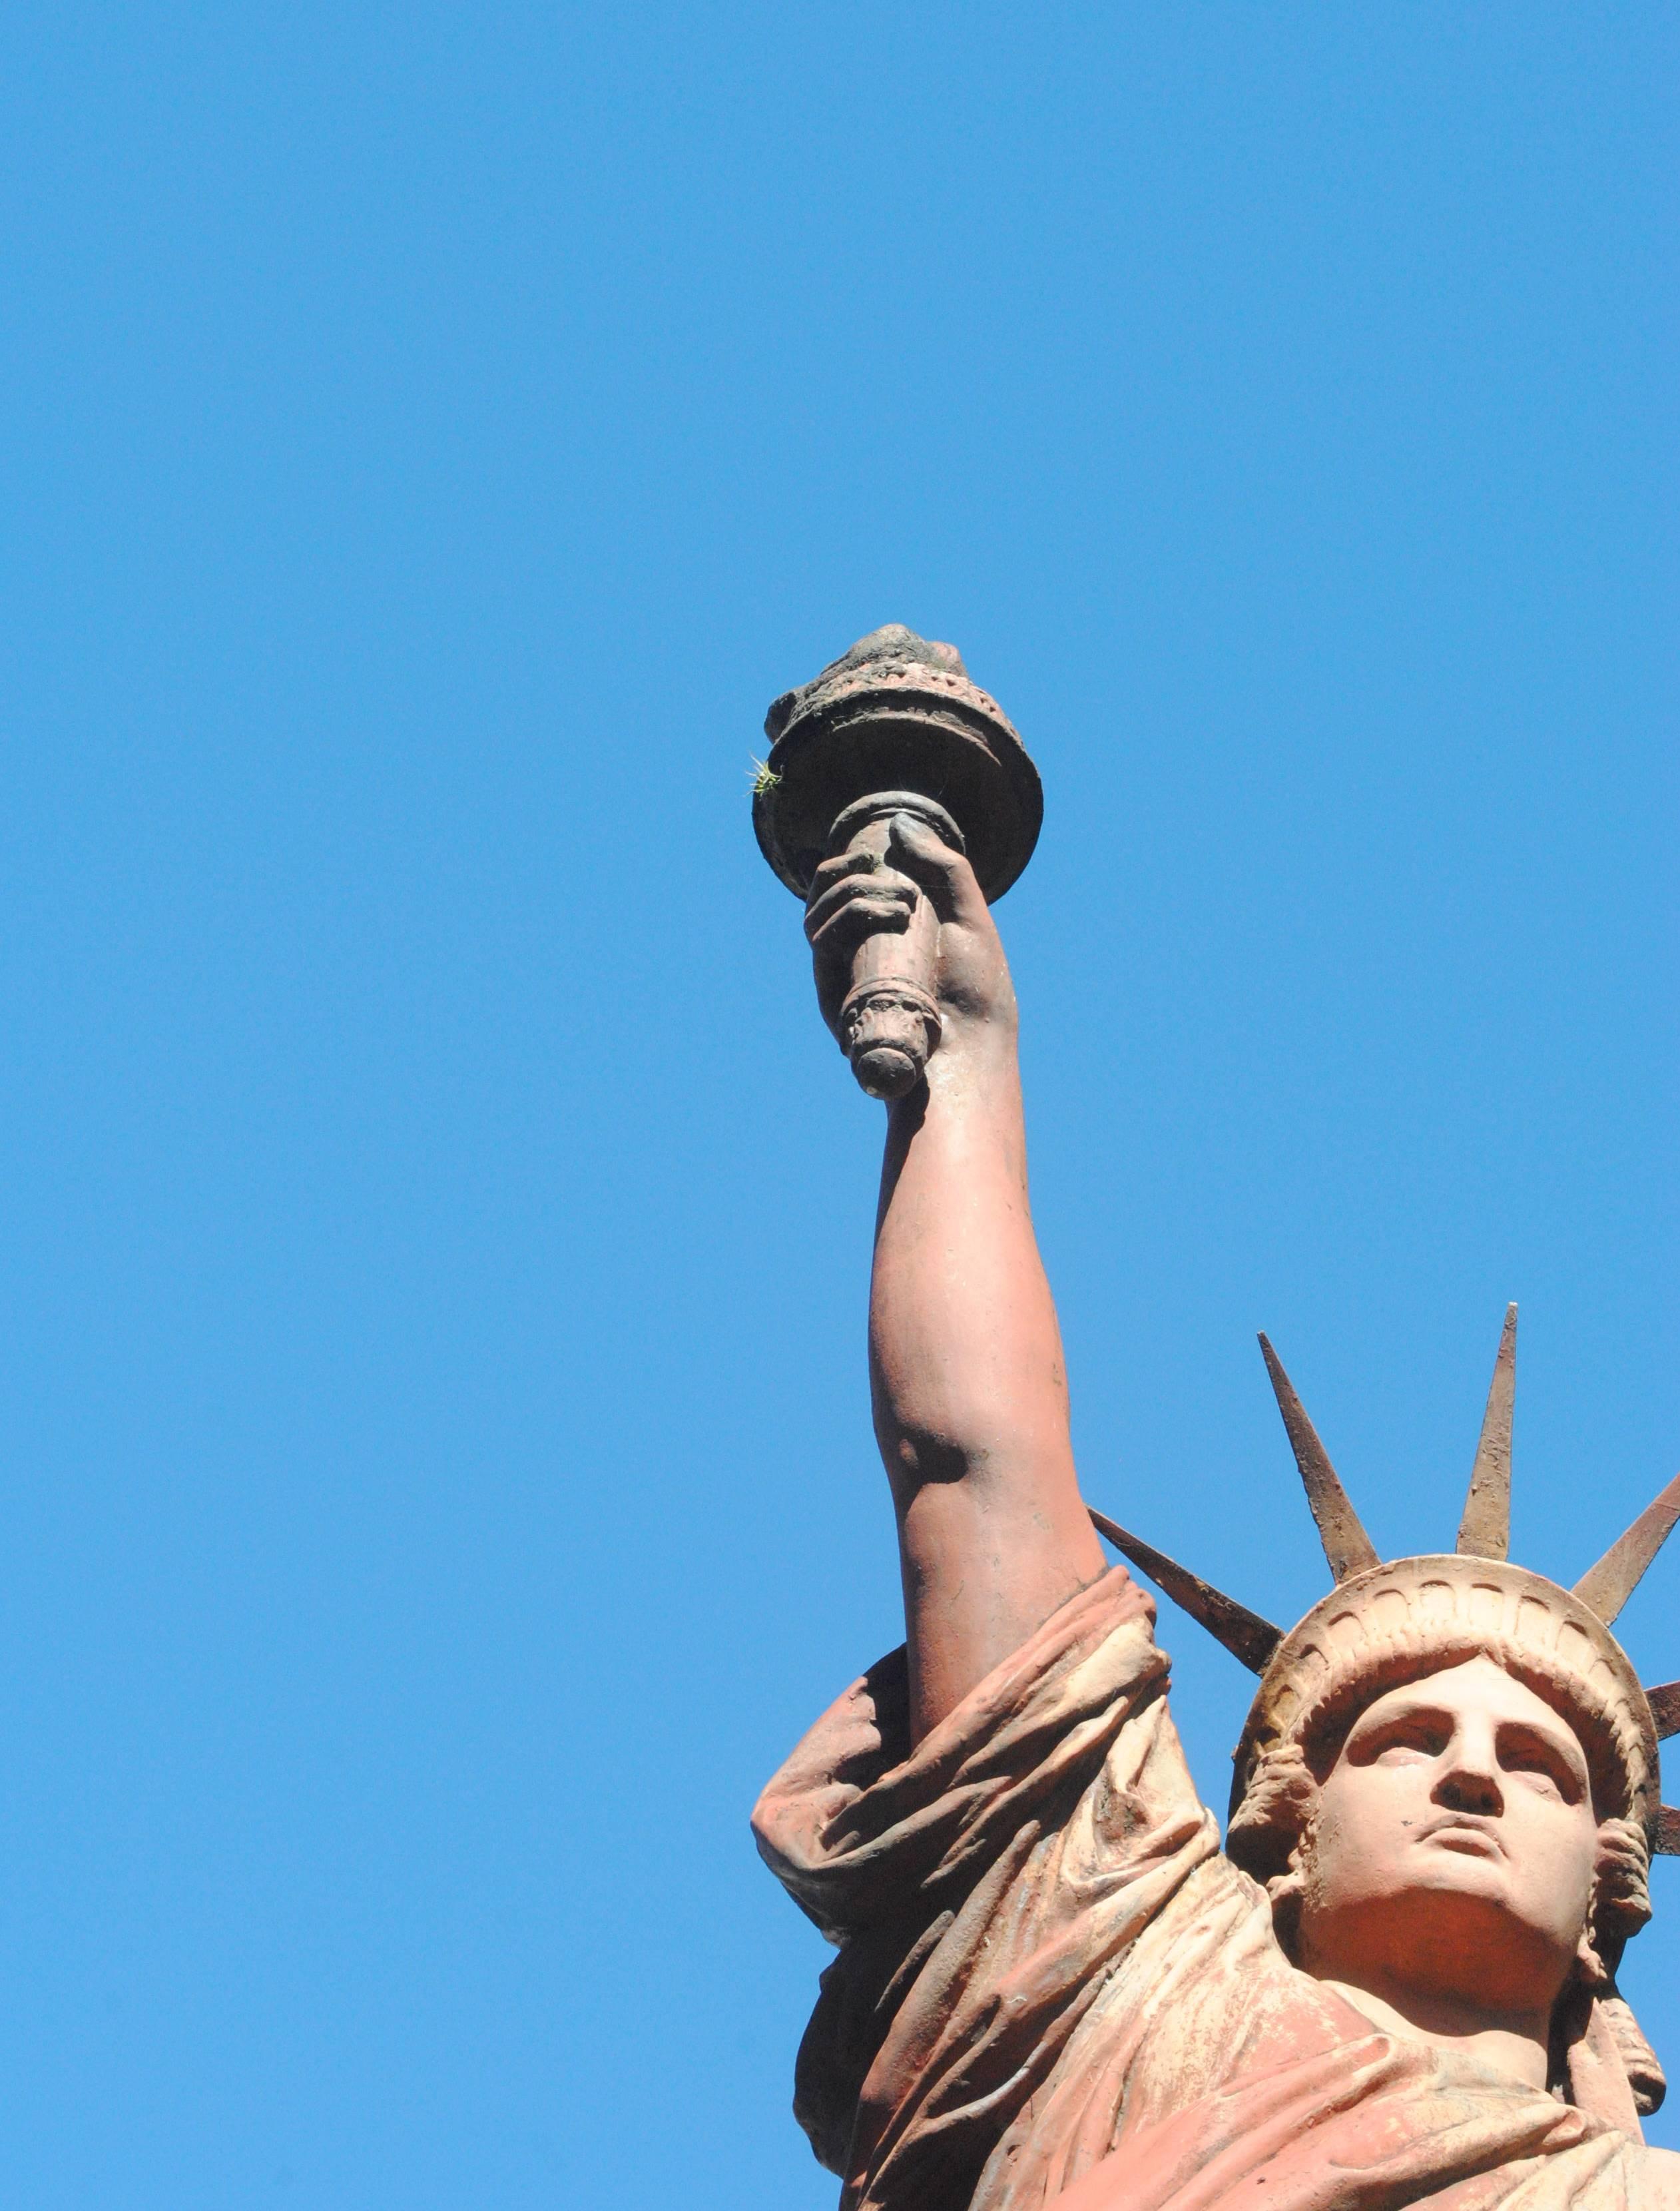 Fotos la estatua de la libertad tambi n est en argentina for Interior estatua de la libertad